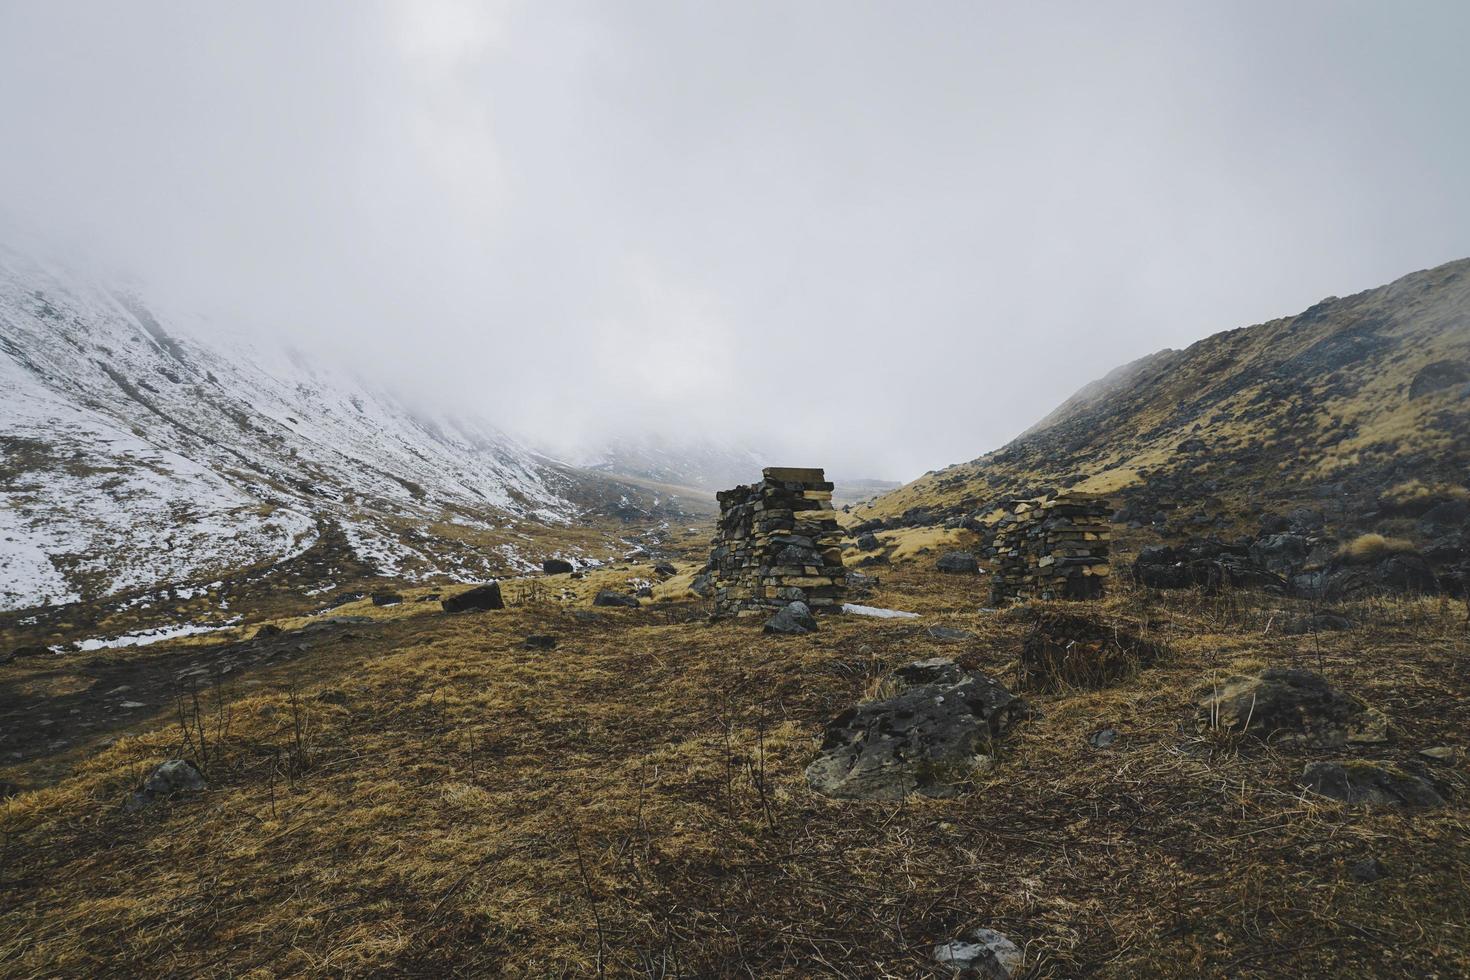 montagne enneigée avec nuages denses photo